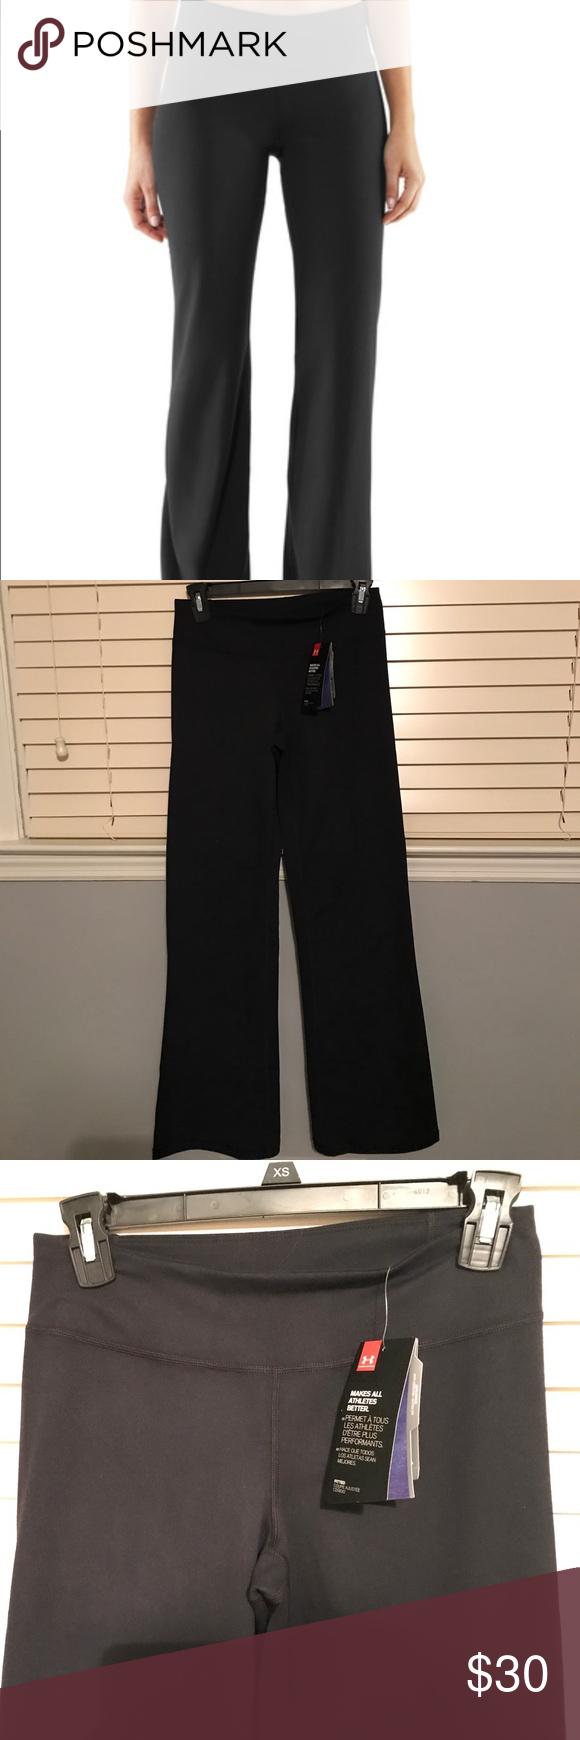 265e1540 Women's wide leg Under Armor pants women's wide leg pants by Under ...